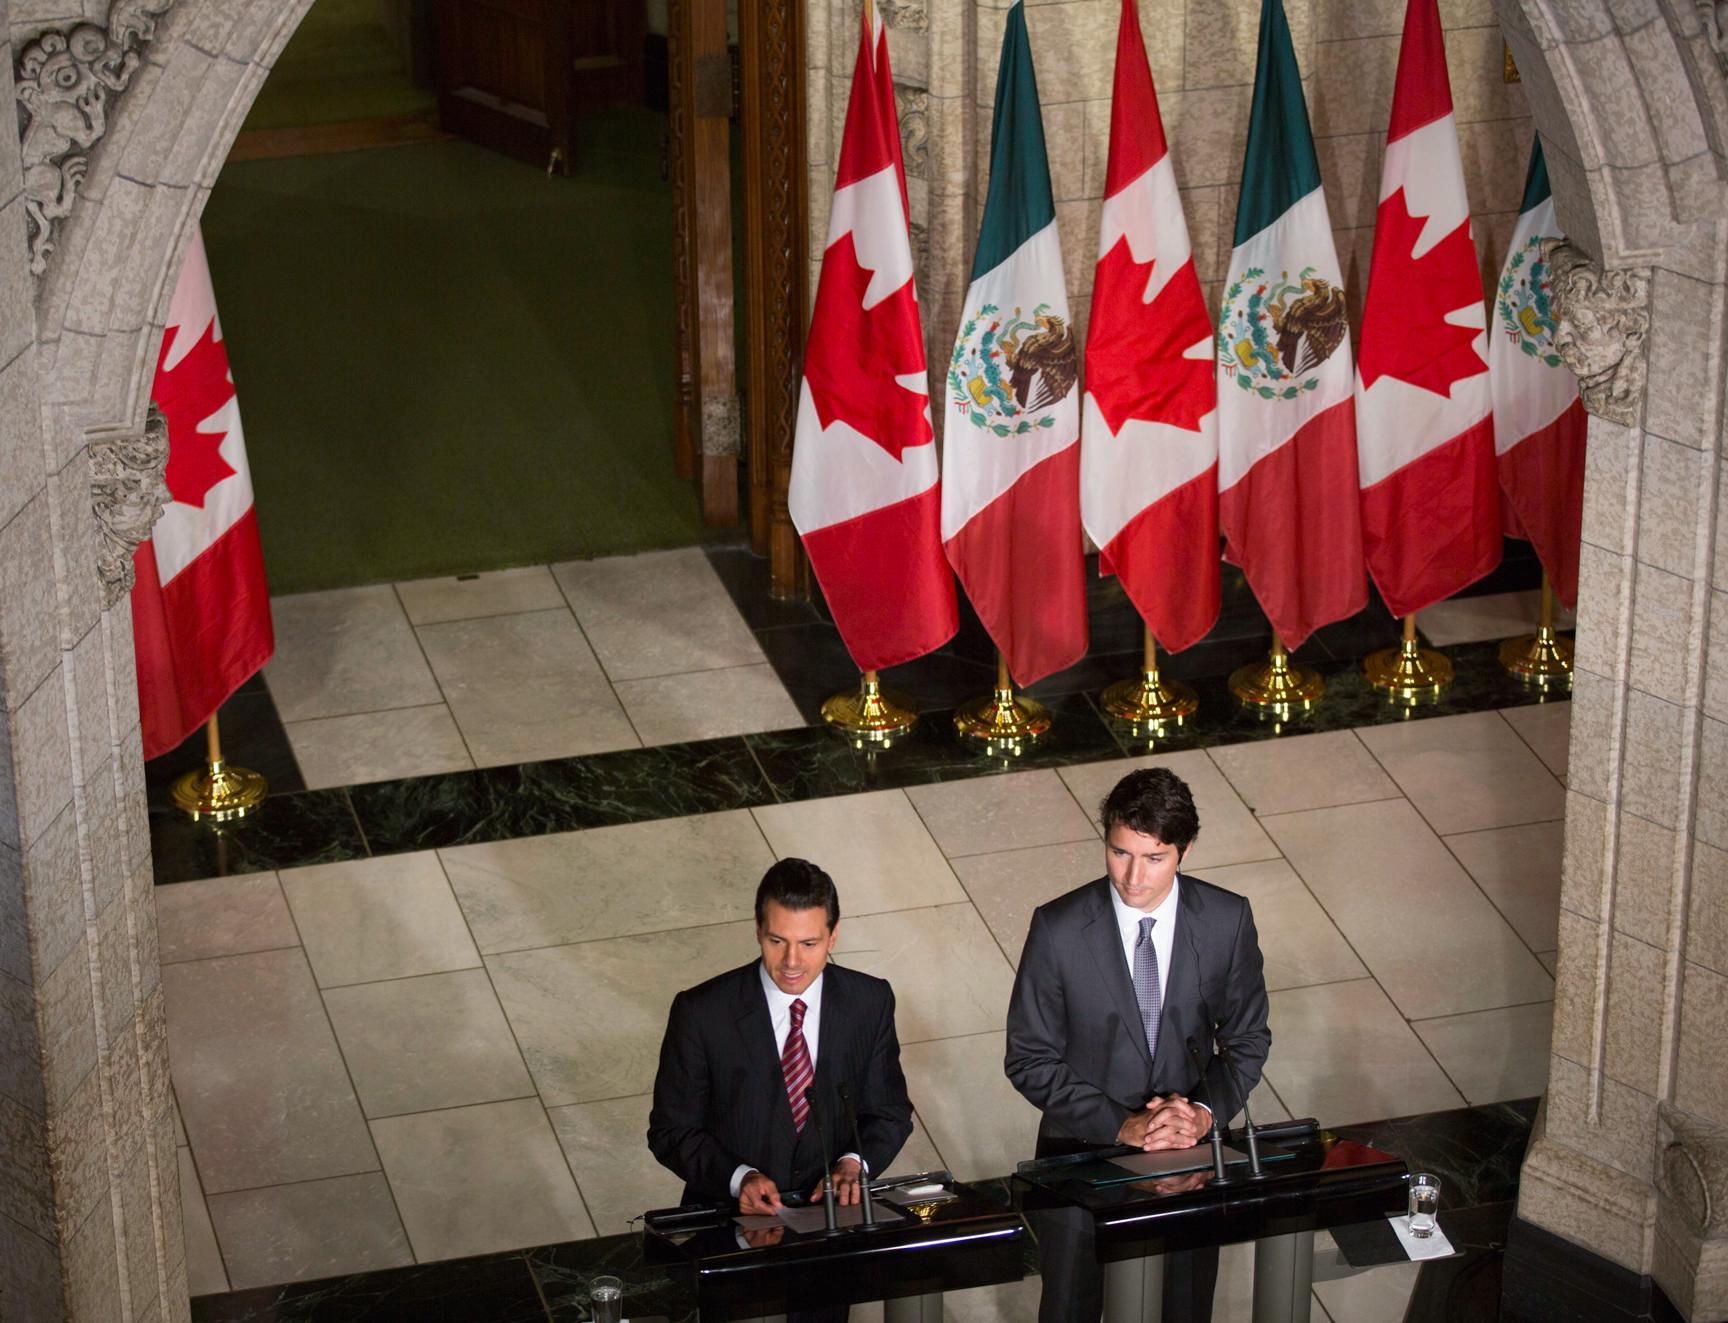 El Primer Mandatario y el Primer Ministro de Canadá durante la conferencia a medios de comunicación.